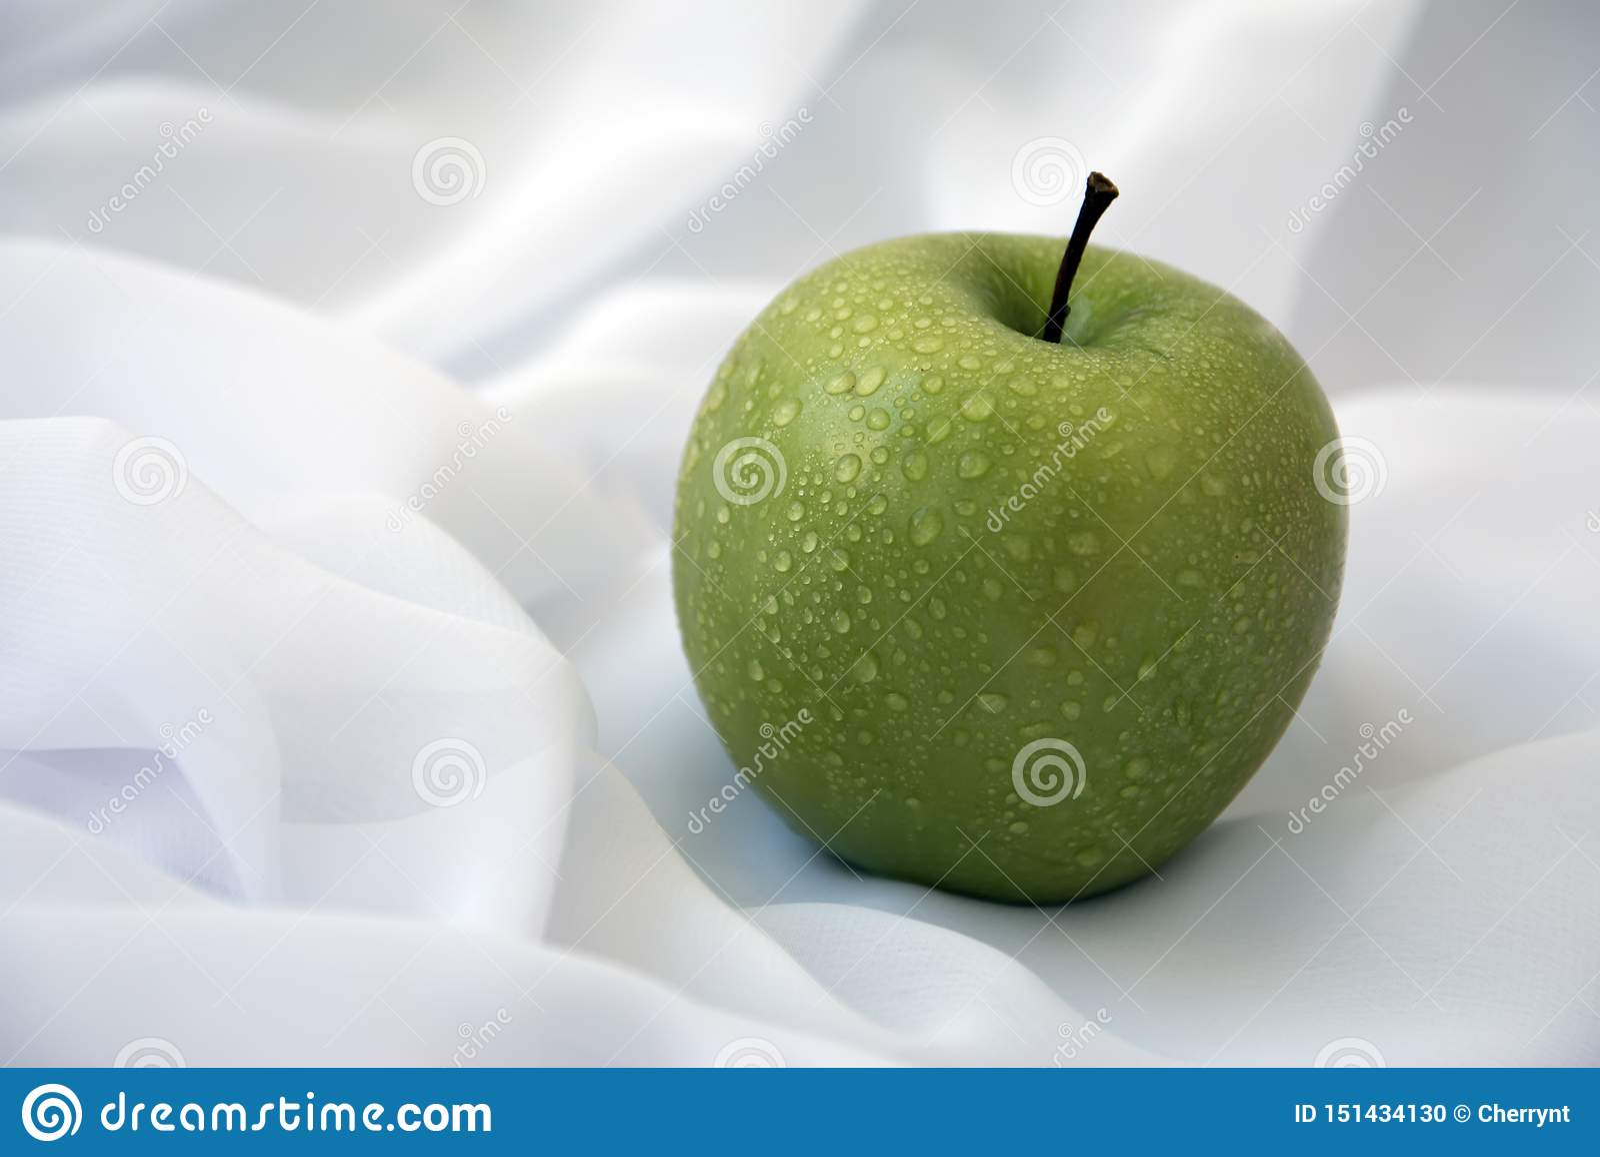 Zielony jabłko na białym tle z wodnymi kropelkami,